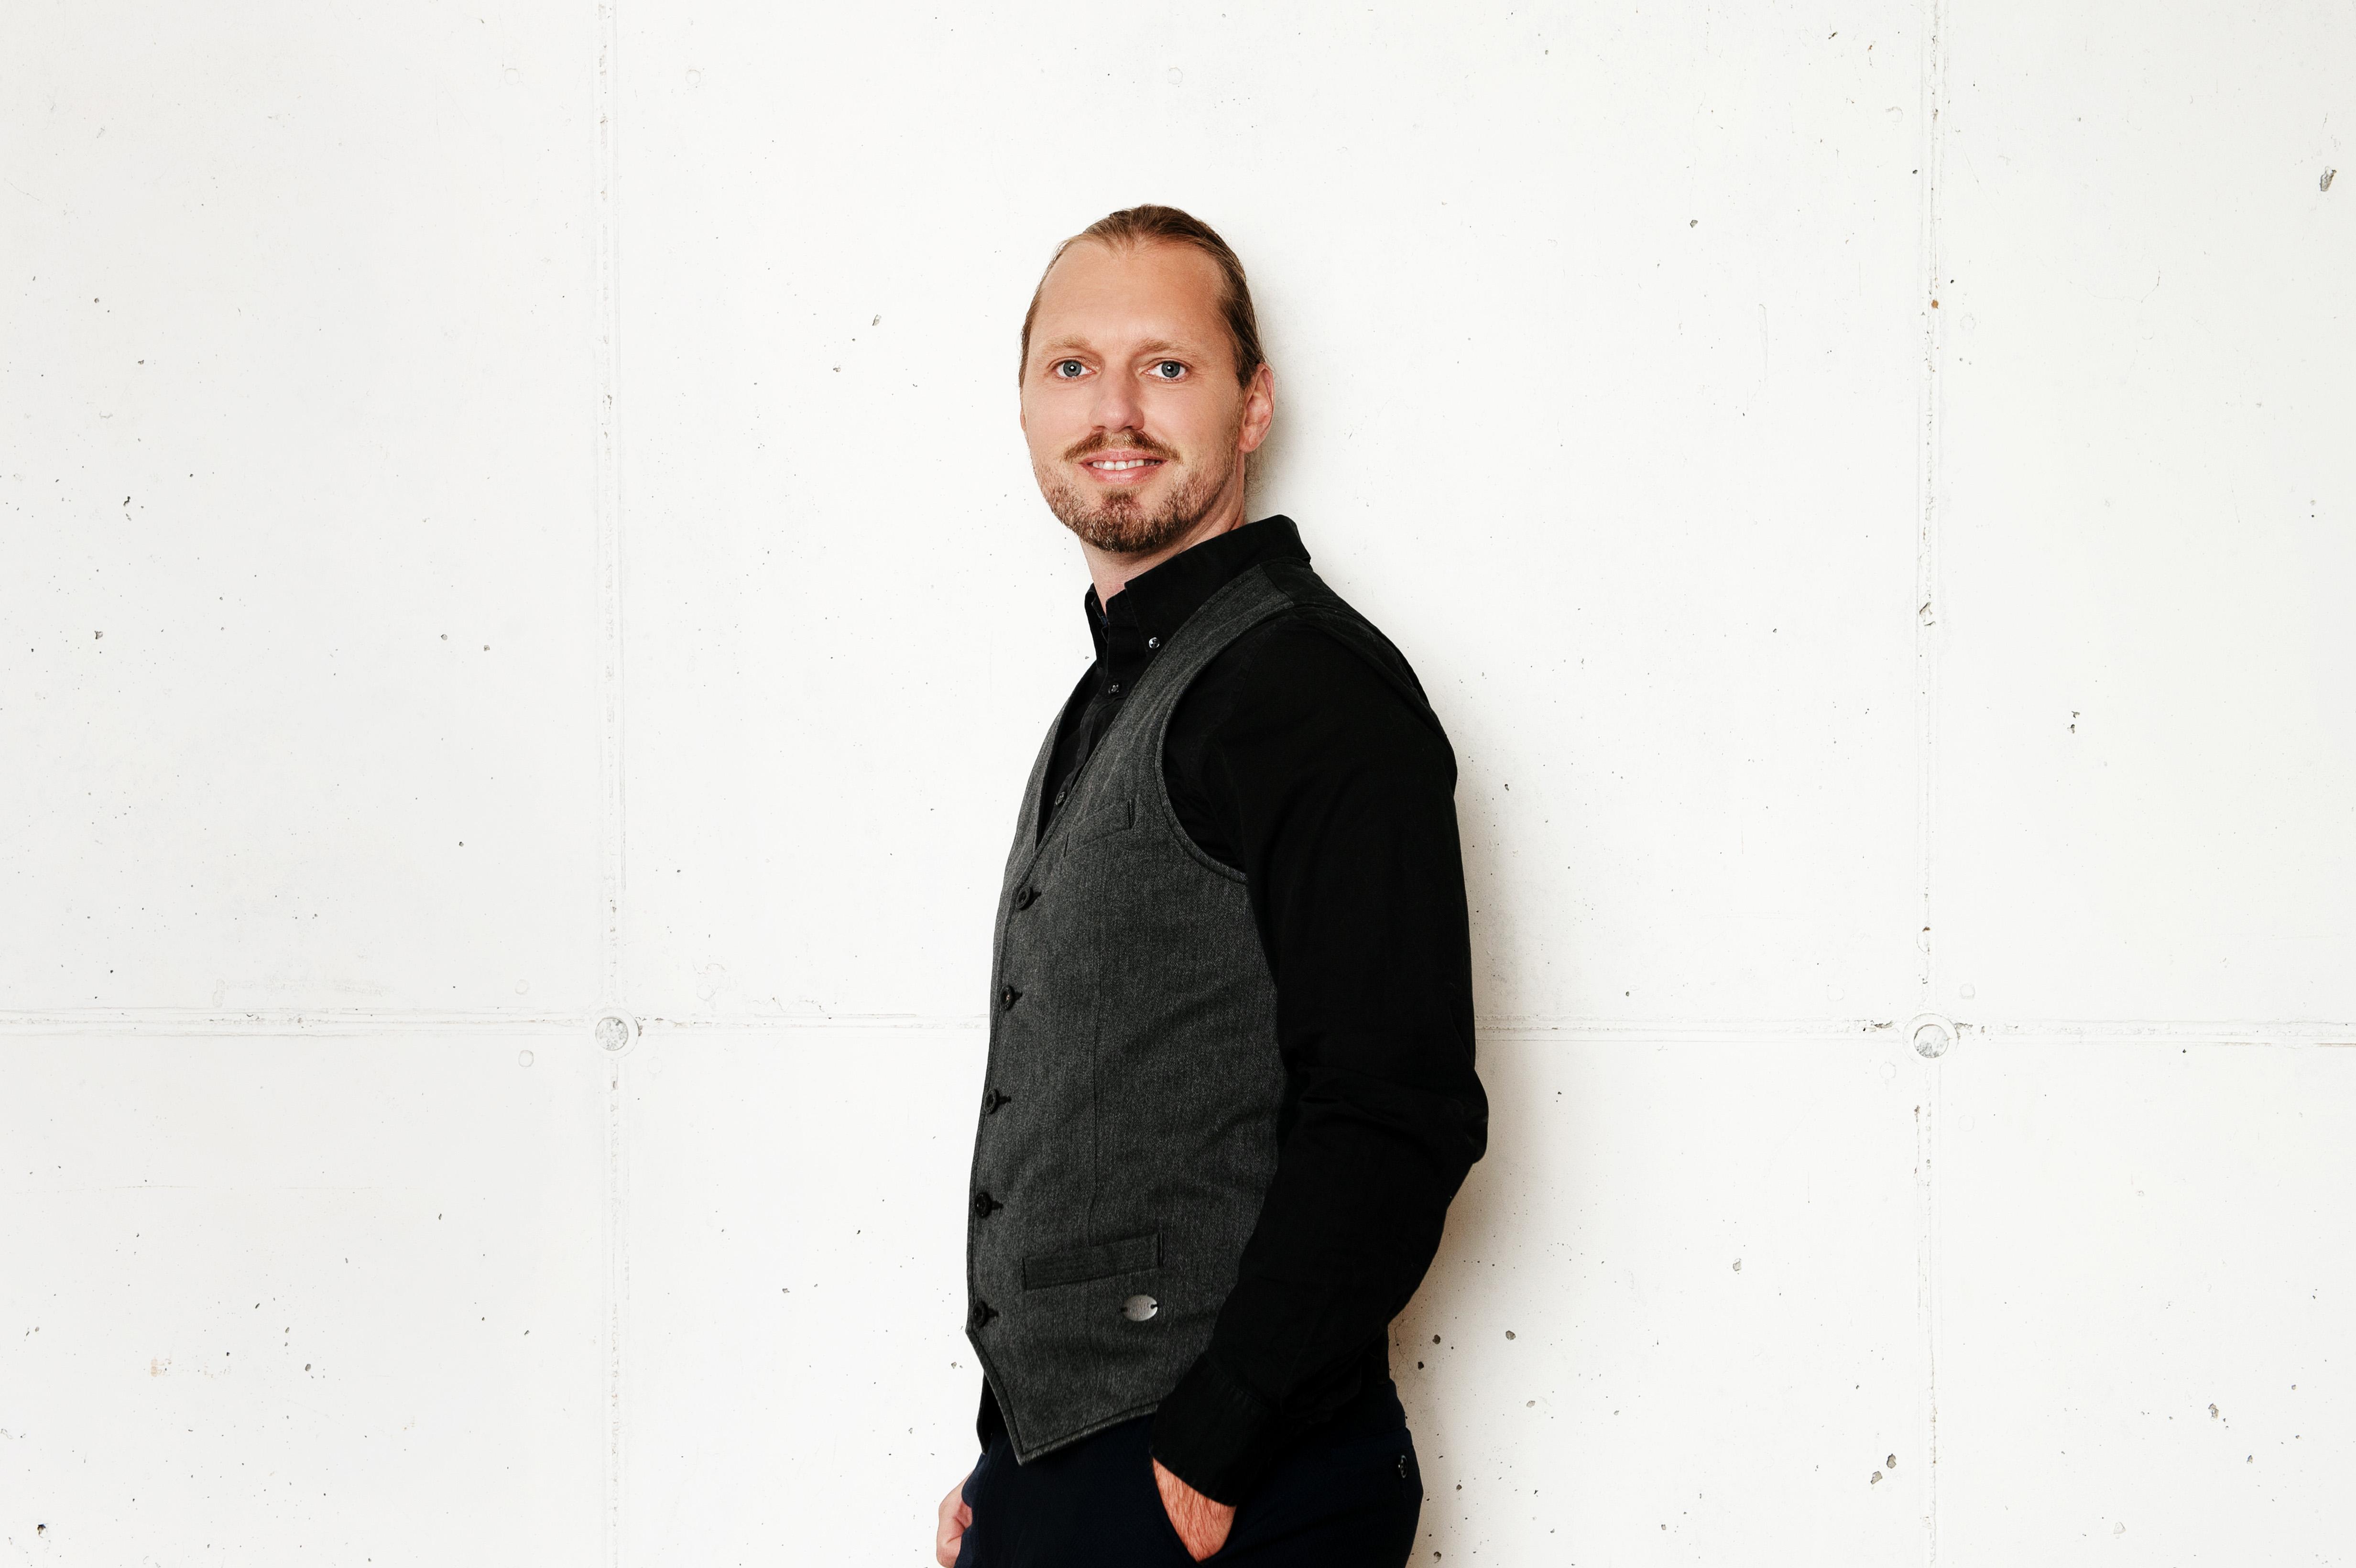 Christof Uhrmann